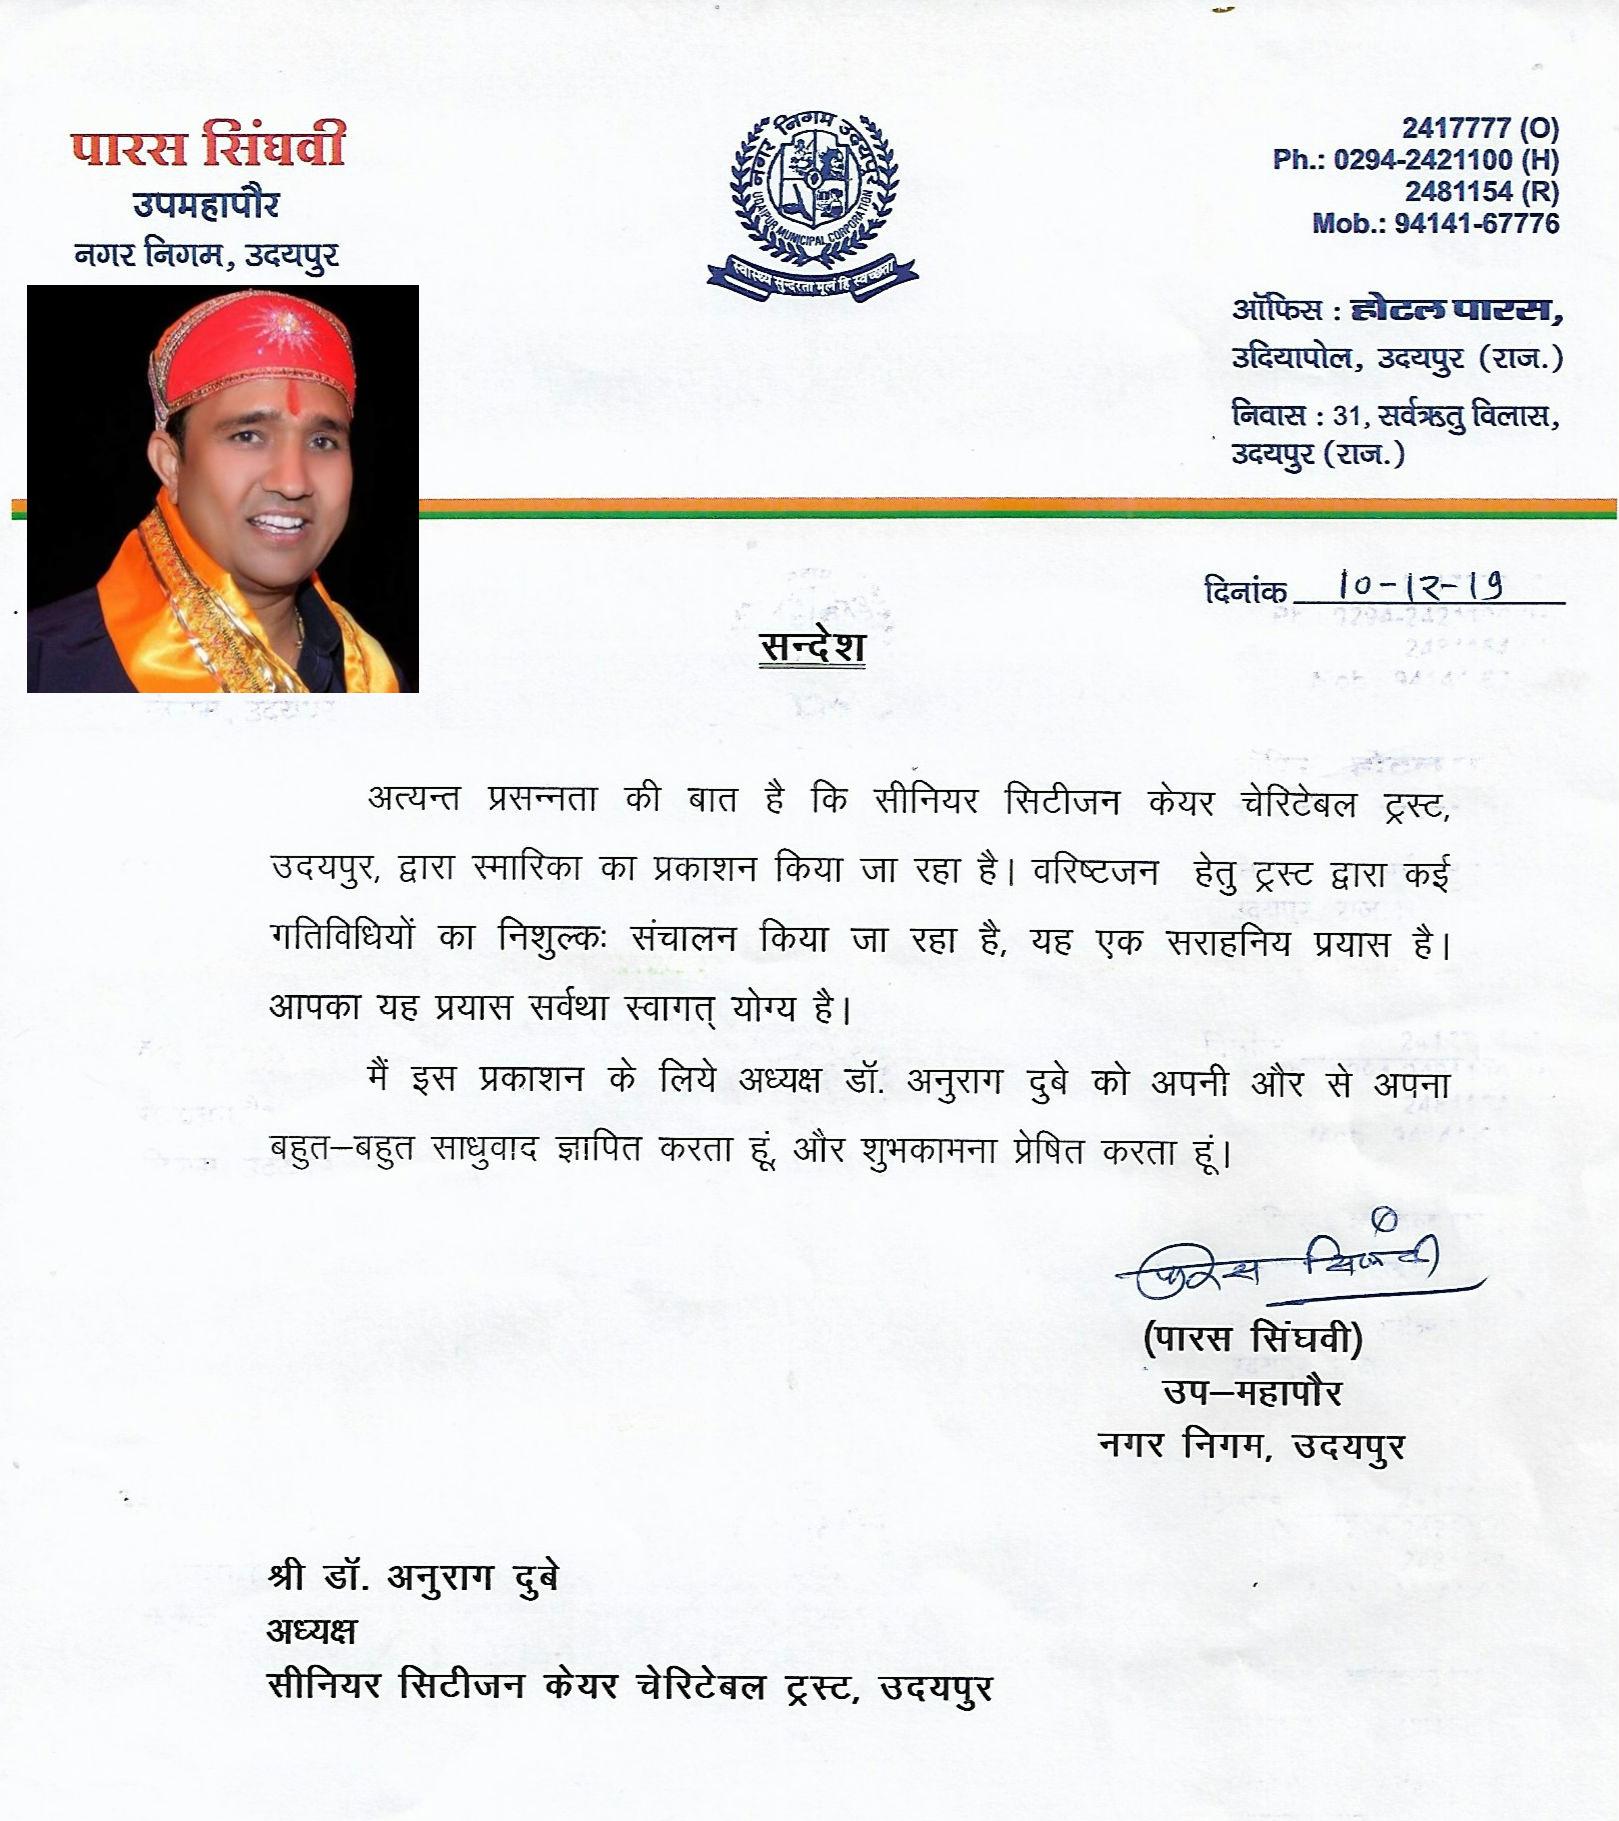 Shri Paras Singhvi